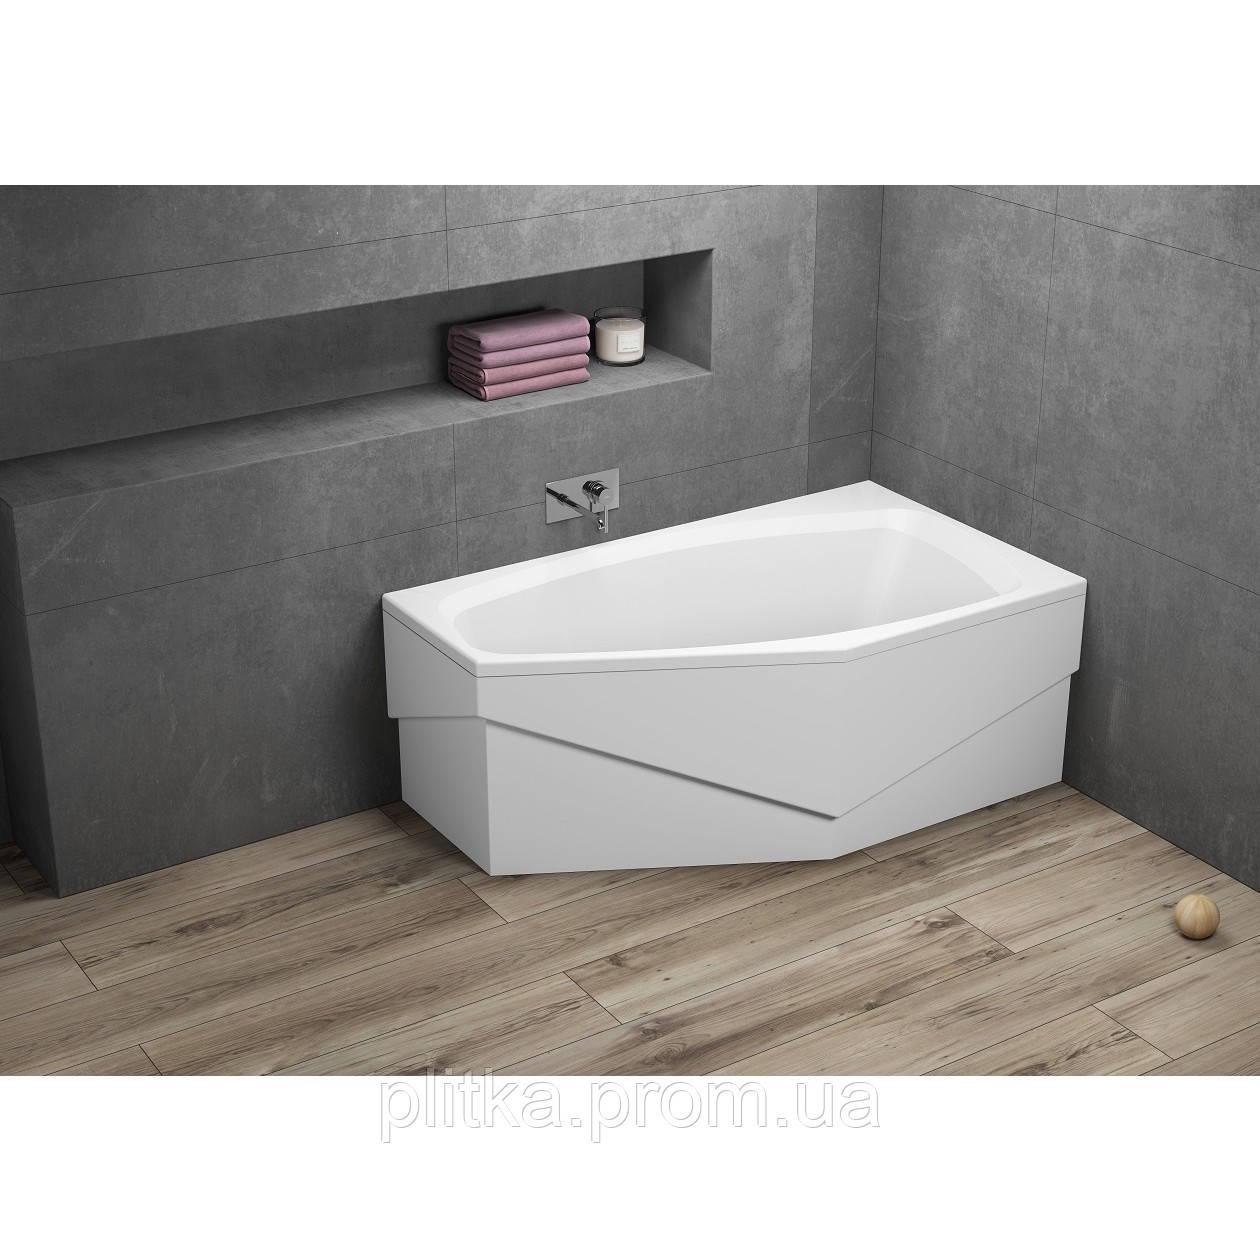 Ванна асимметричная MARIKA 140x80 R